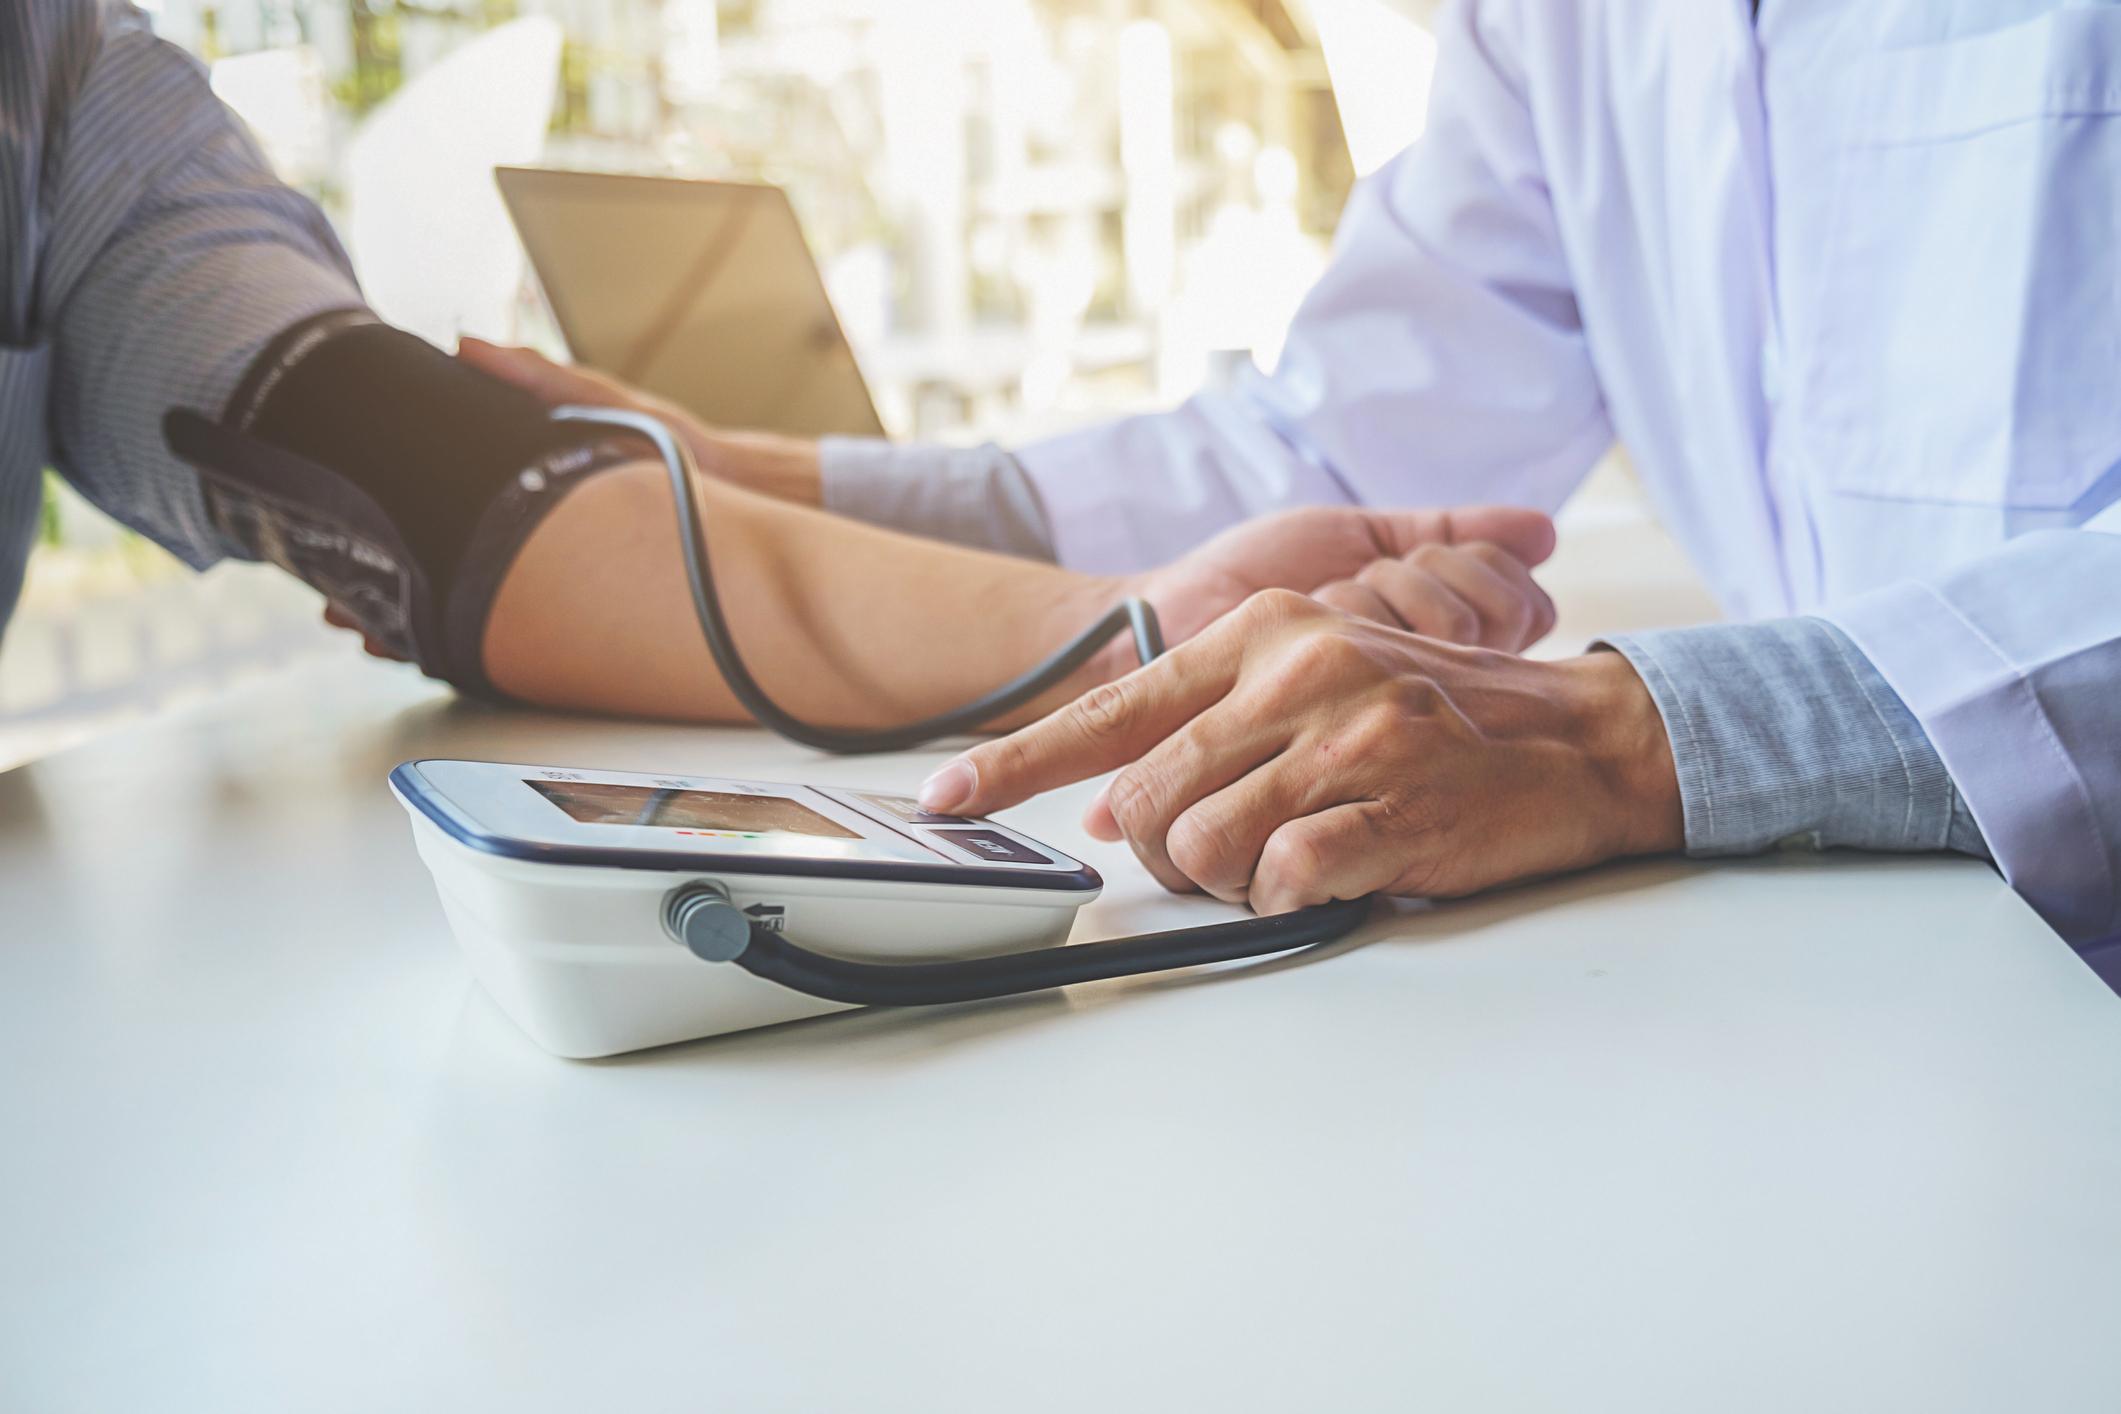 hogyan lehet megérteni azt a magas vérnyomást aladin magas vérnyomás esetén